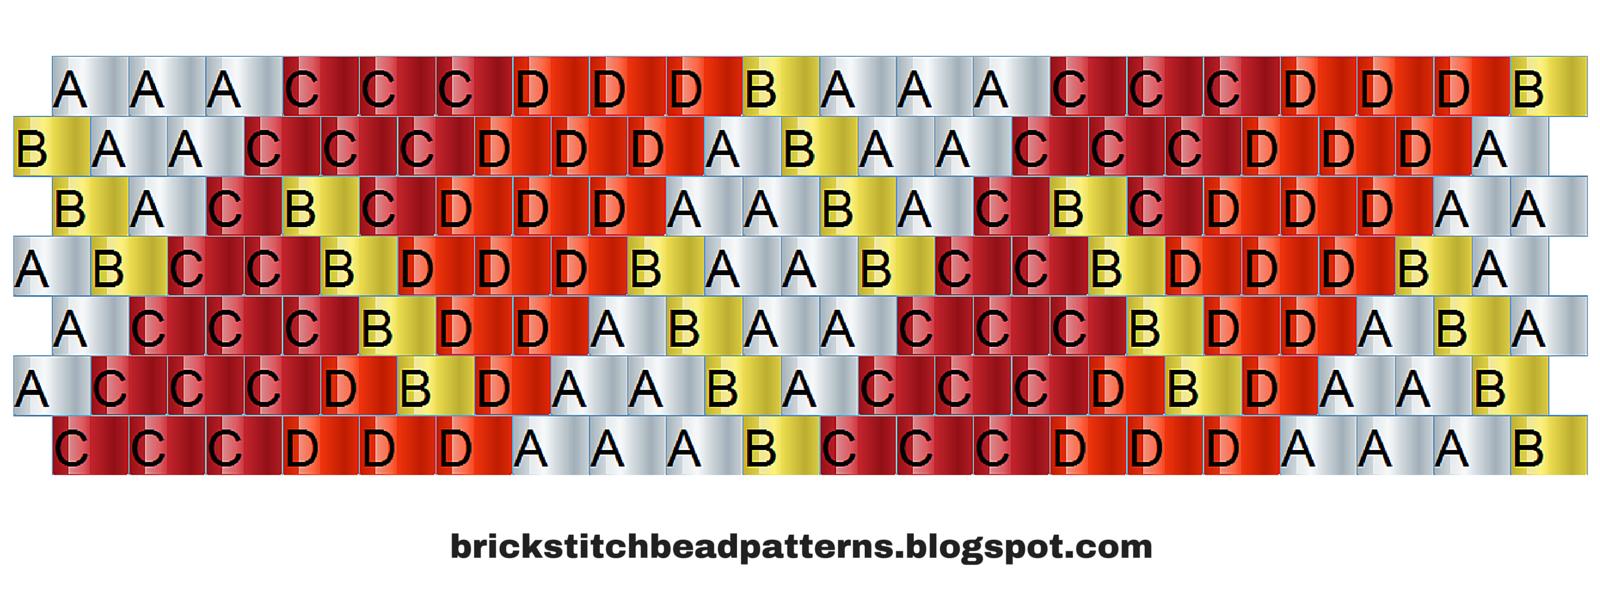 Brick Stitch Bead Patterns Journal: #10 Free Brick Stitch Pony Bead - Pony Bead Patterns Free Printable